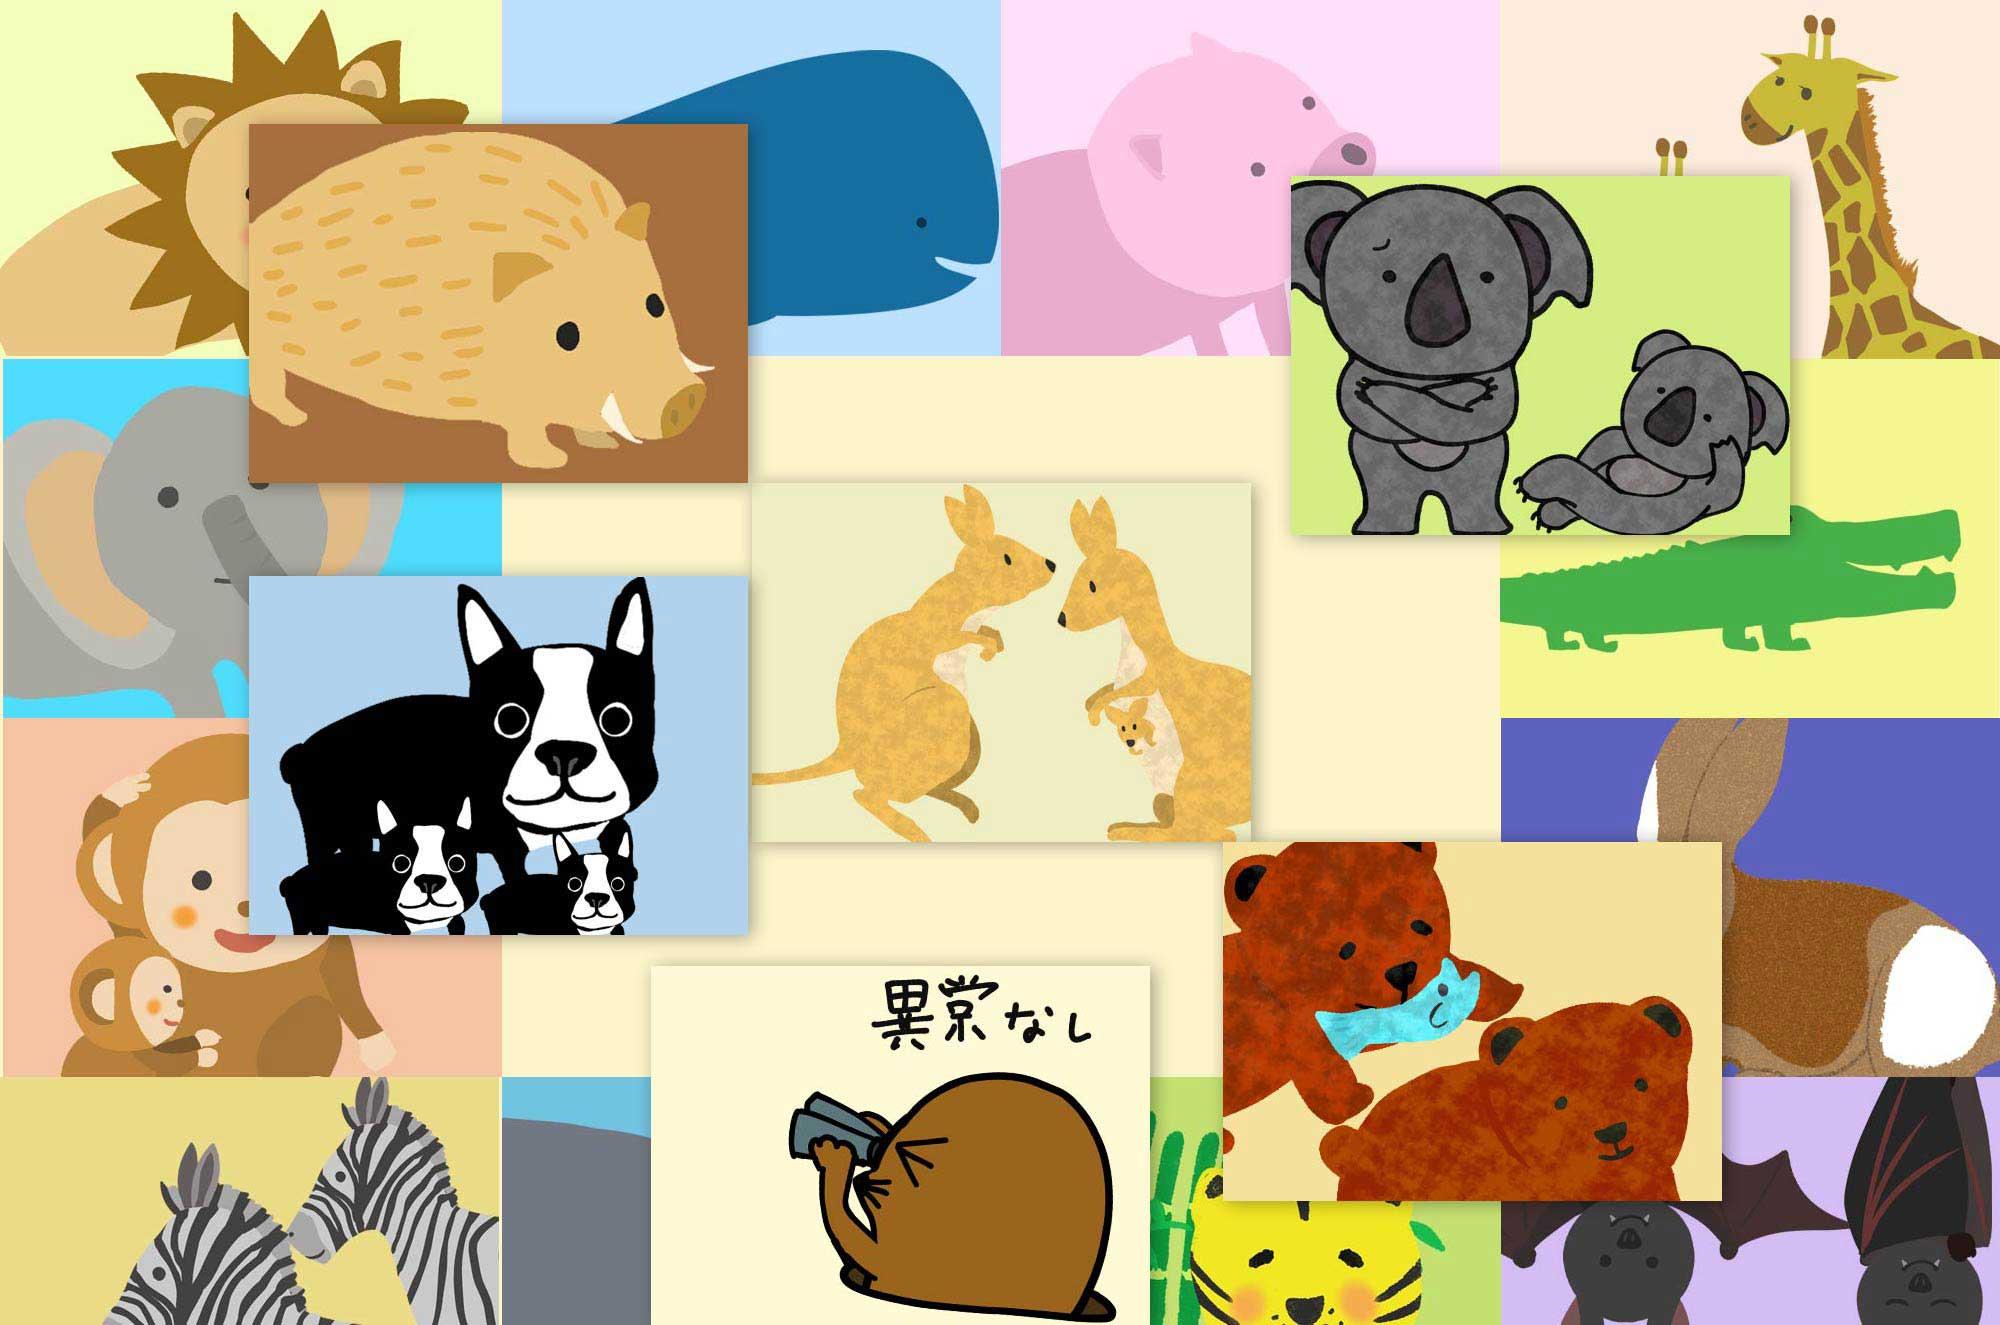 動物のイラスト | かわいいフリー素材集 - チコデザ